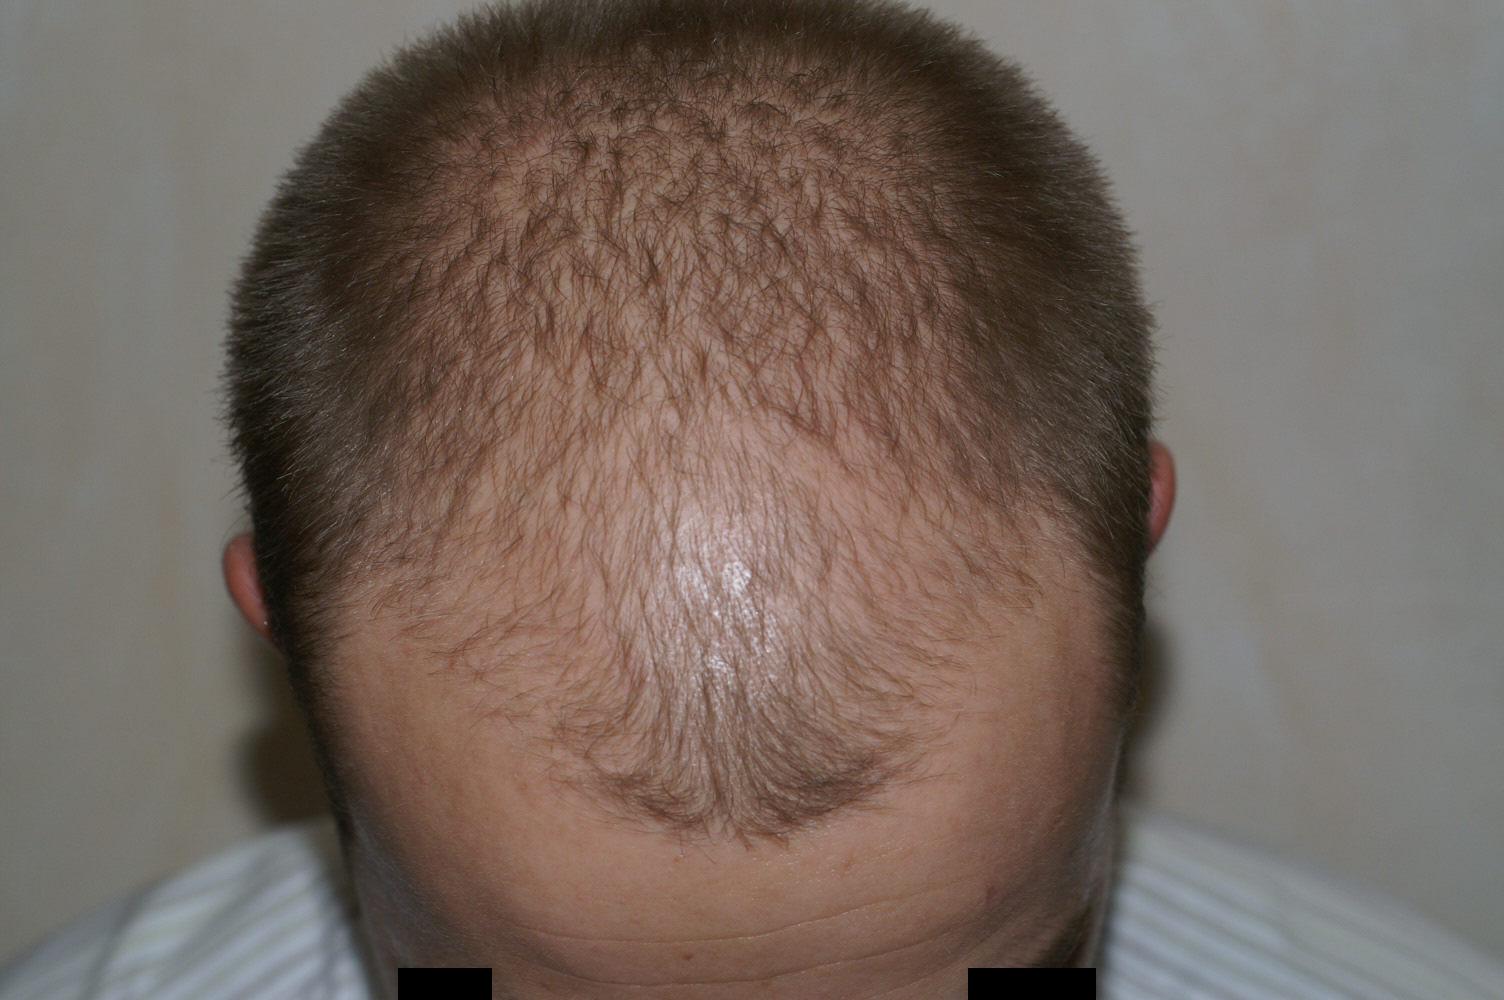 Lutter contre la chute des cheveux grâce à la greffe capillaire